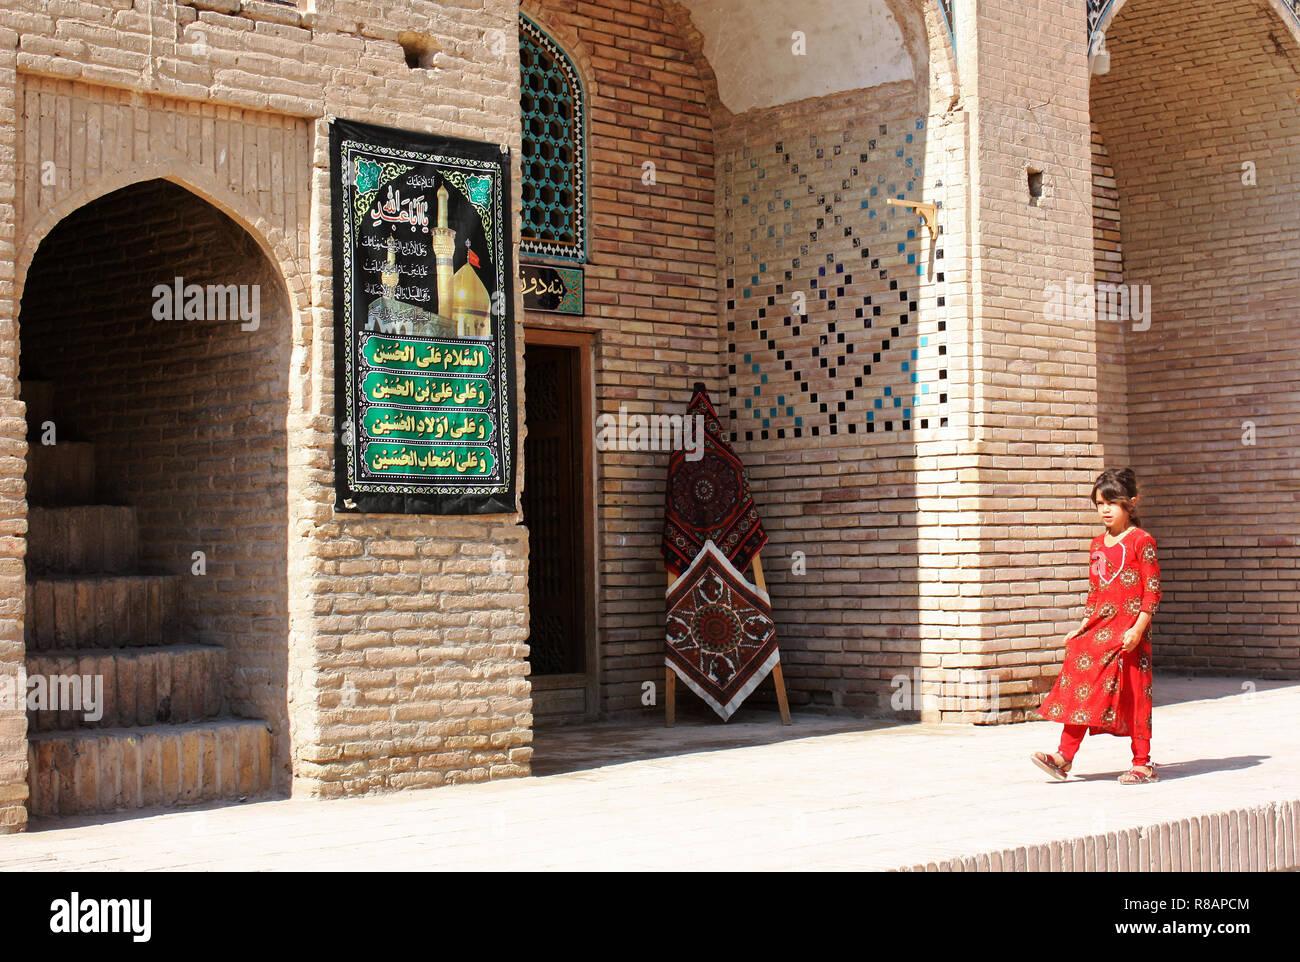 Mourning Of Muharram Stock Photos & Mourning Of Muharram